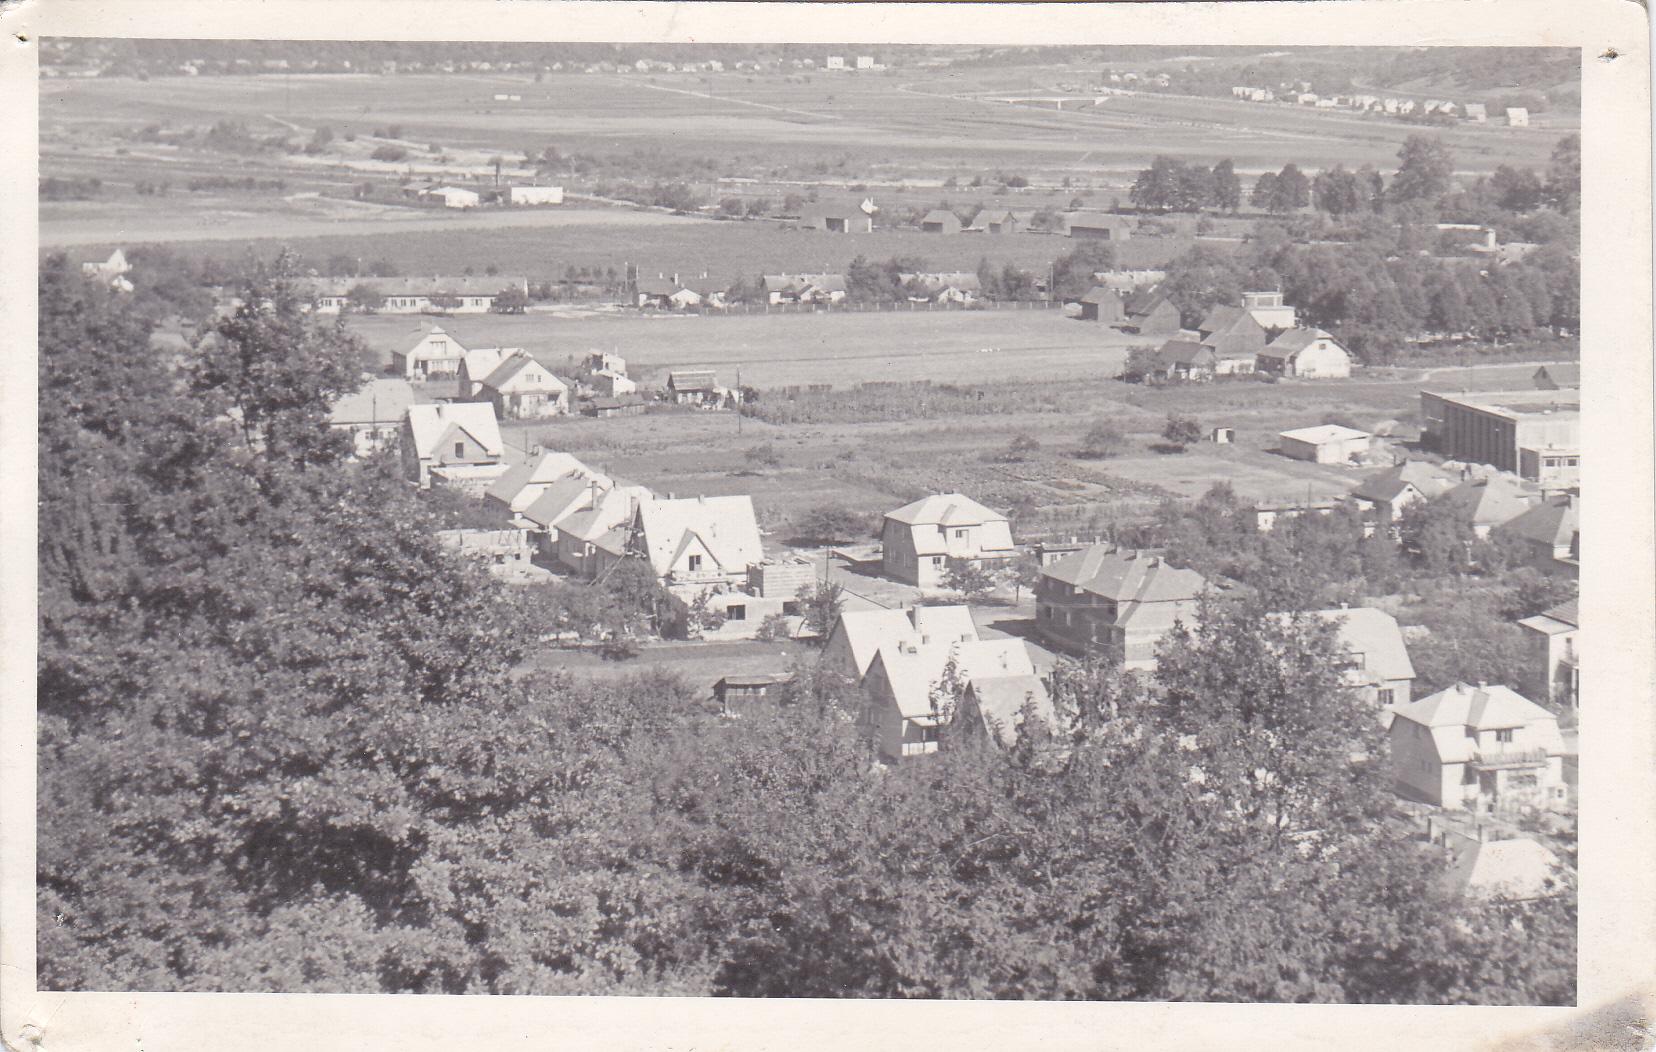 Ulica J. Kráľa a Chmelinec v 60. rokoch. Úplne vzadu hore obec Nimnica, vpravo hore Nosice, vpravo v strede telocvična ZŠ Komenského, nad ňou mest. cintorín s domom smútku...